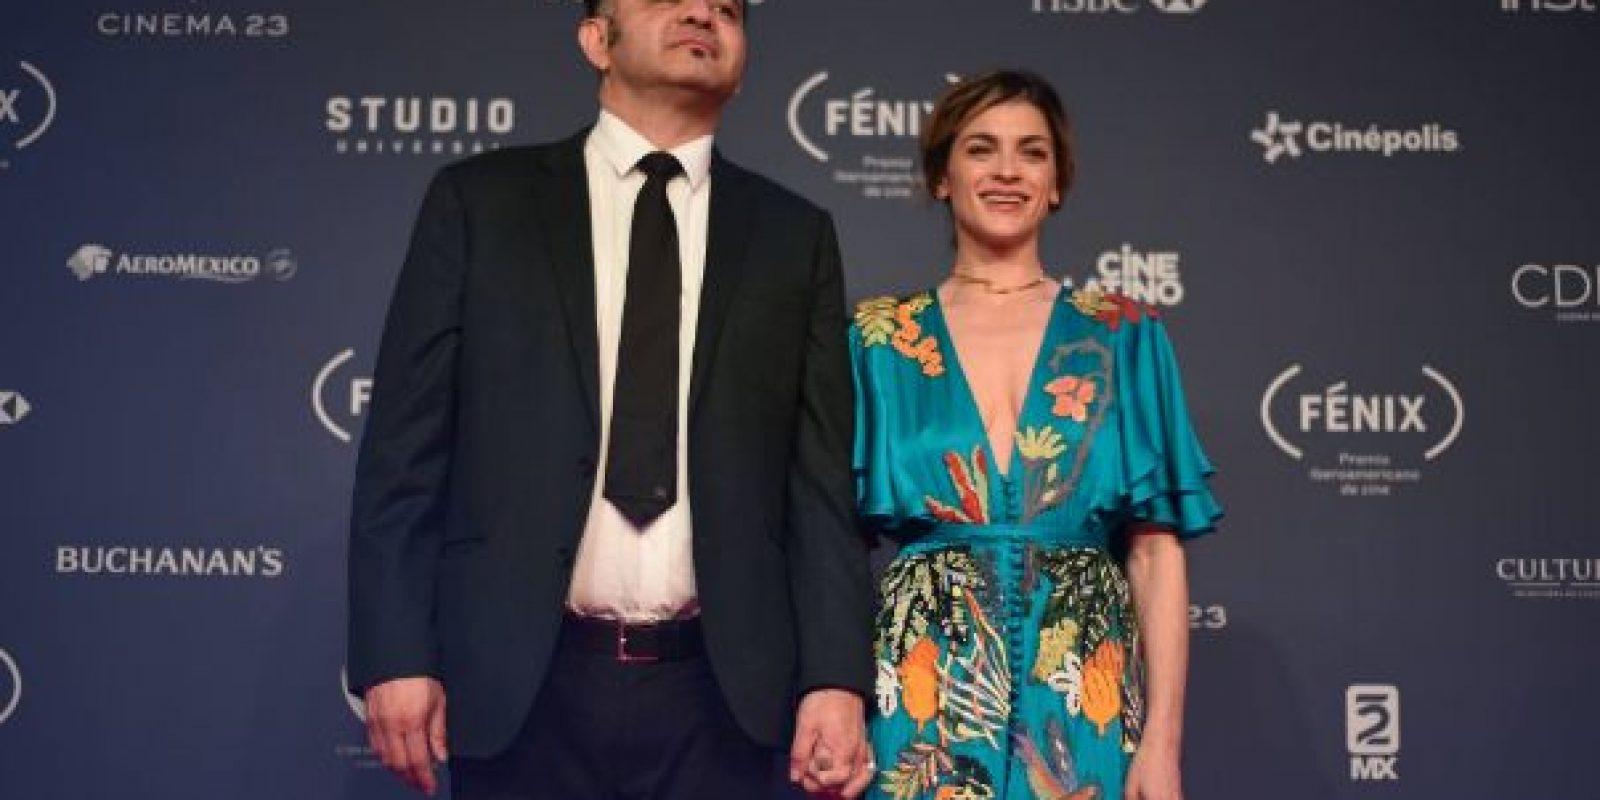 Alfombra roja de los Premios Fénix. Imagen Por: Irene Azuela. Foto |Premios Fénix